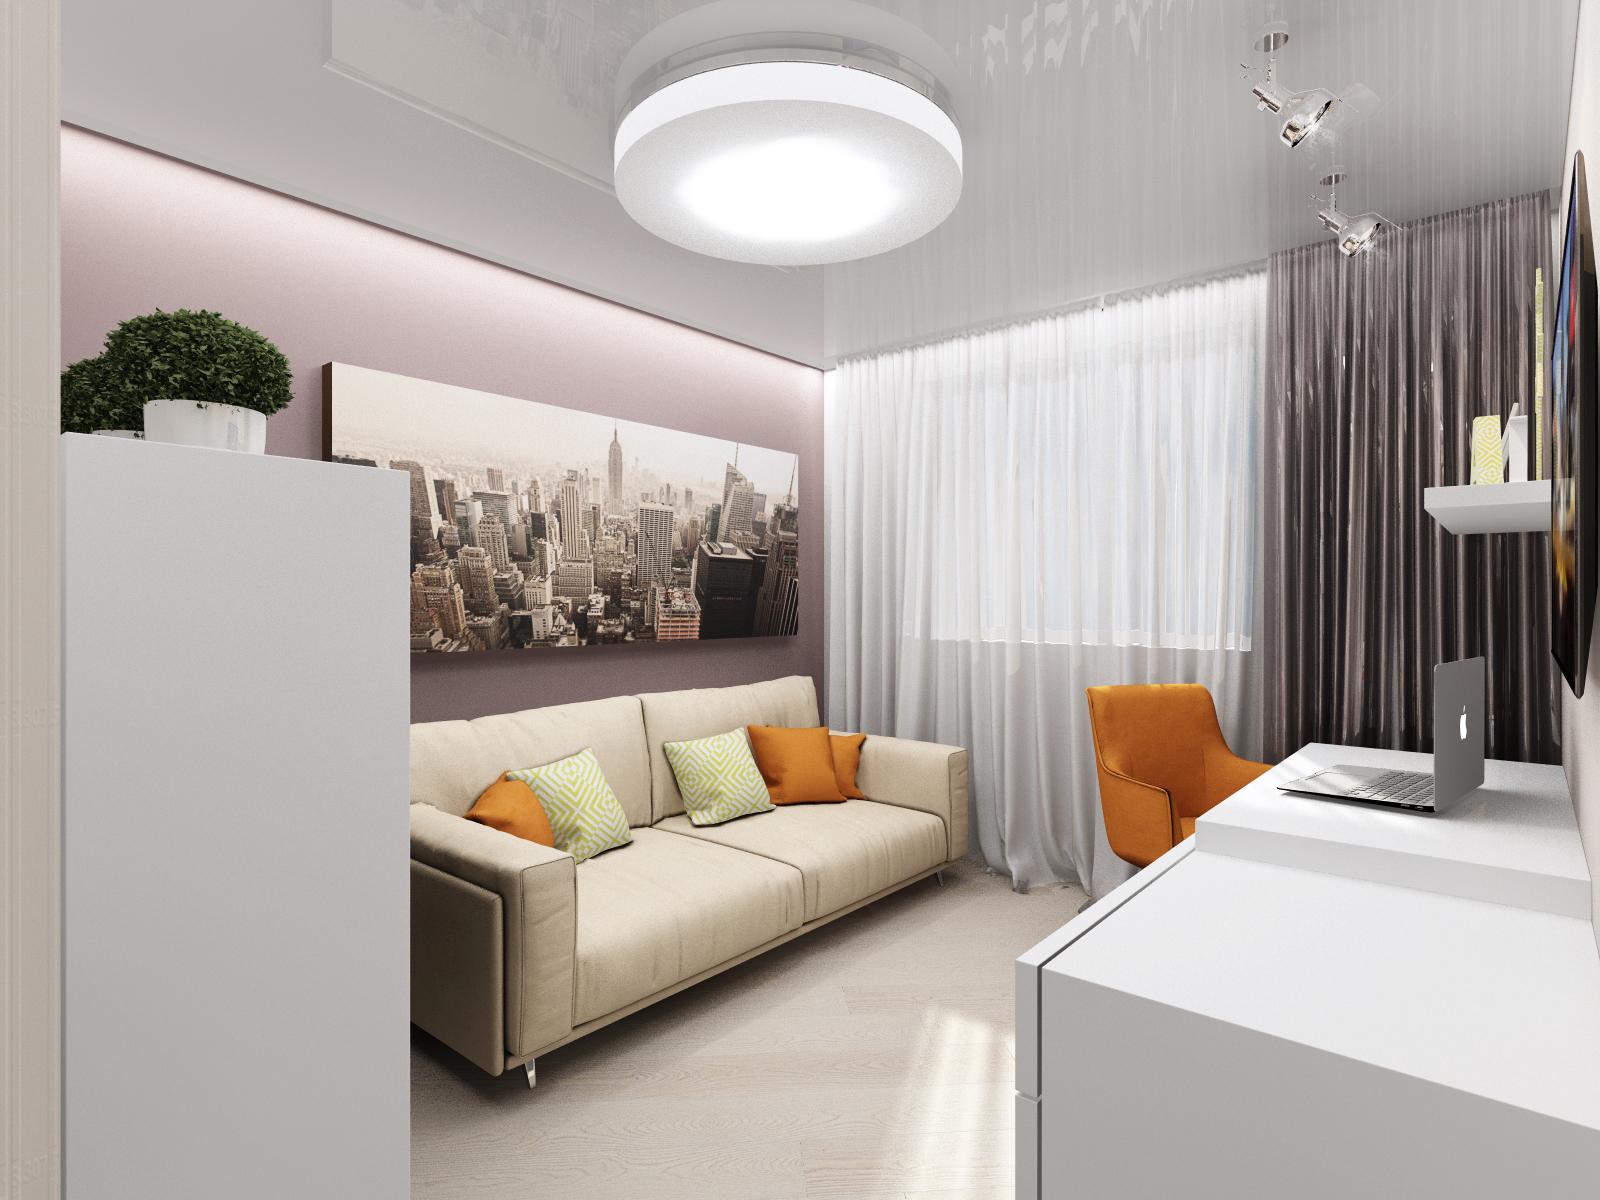 Дизайн проект квартир во владивостоке